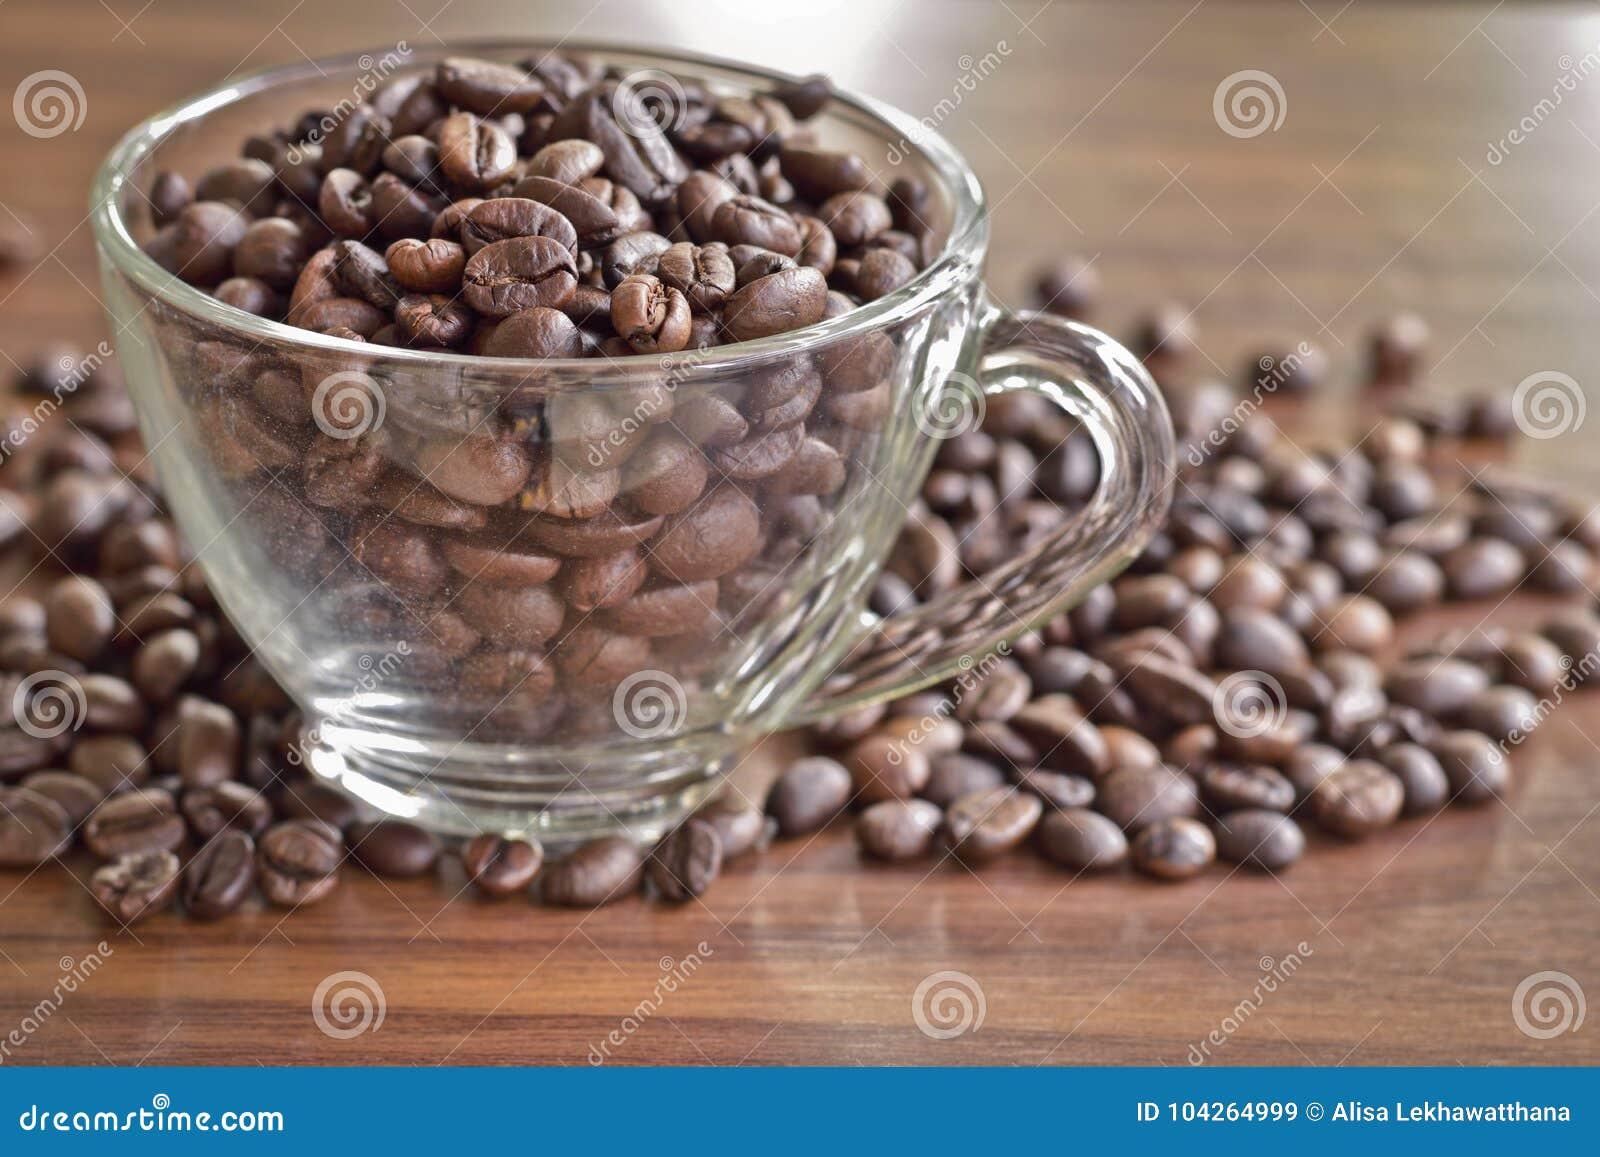 Τα ψημένα φασόλια καφέ σε ένα φλυτζάνι και έναν σωρό του καφέ βάζουν στο ξύλινο τ